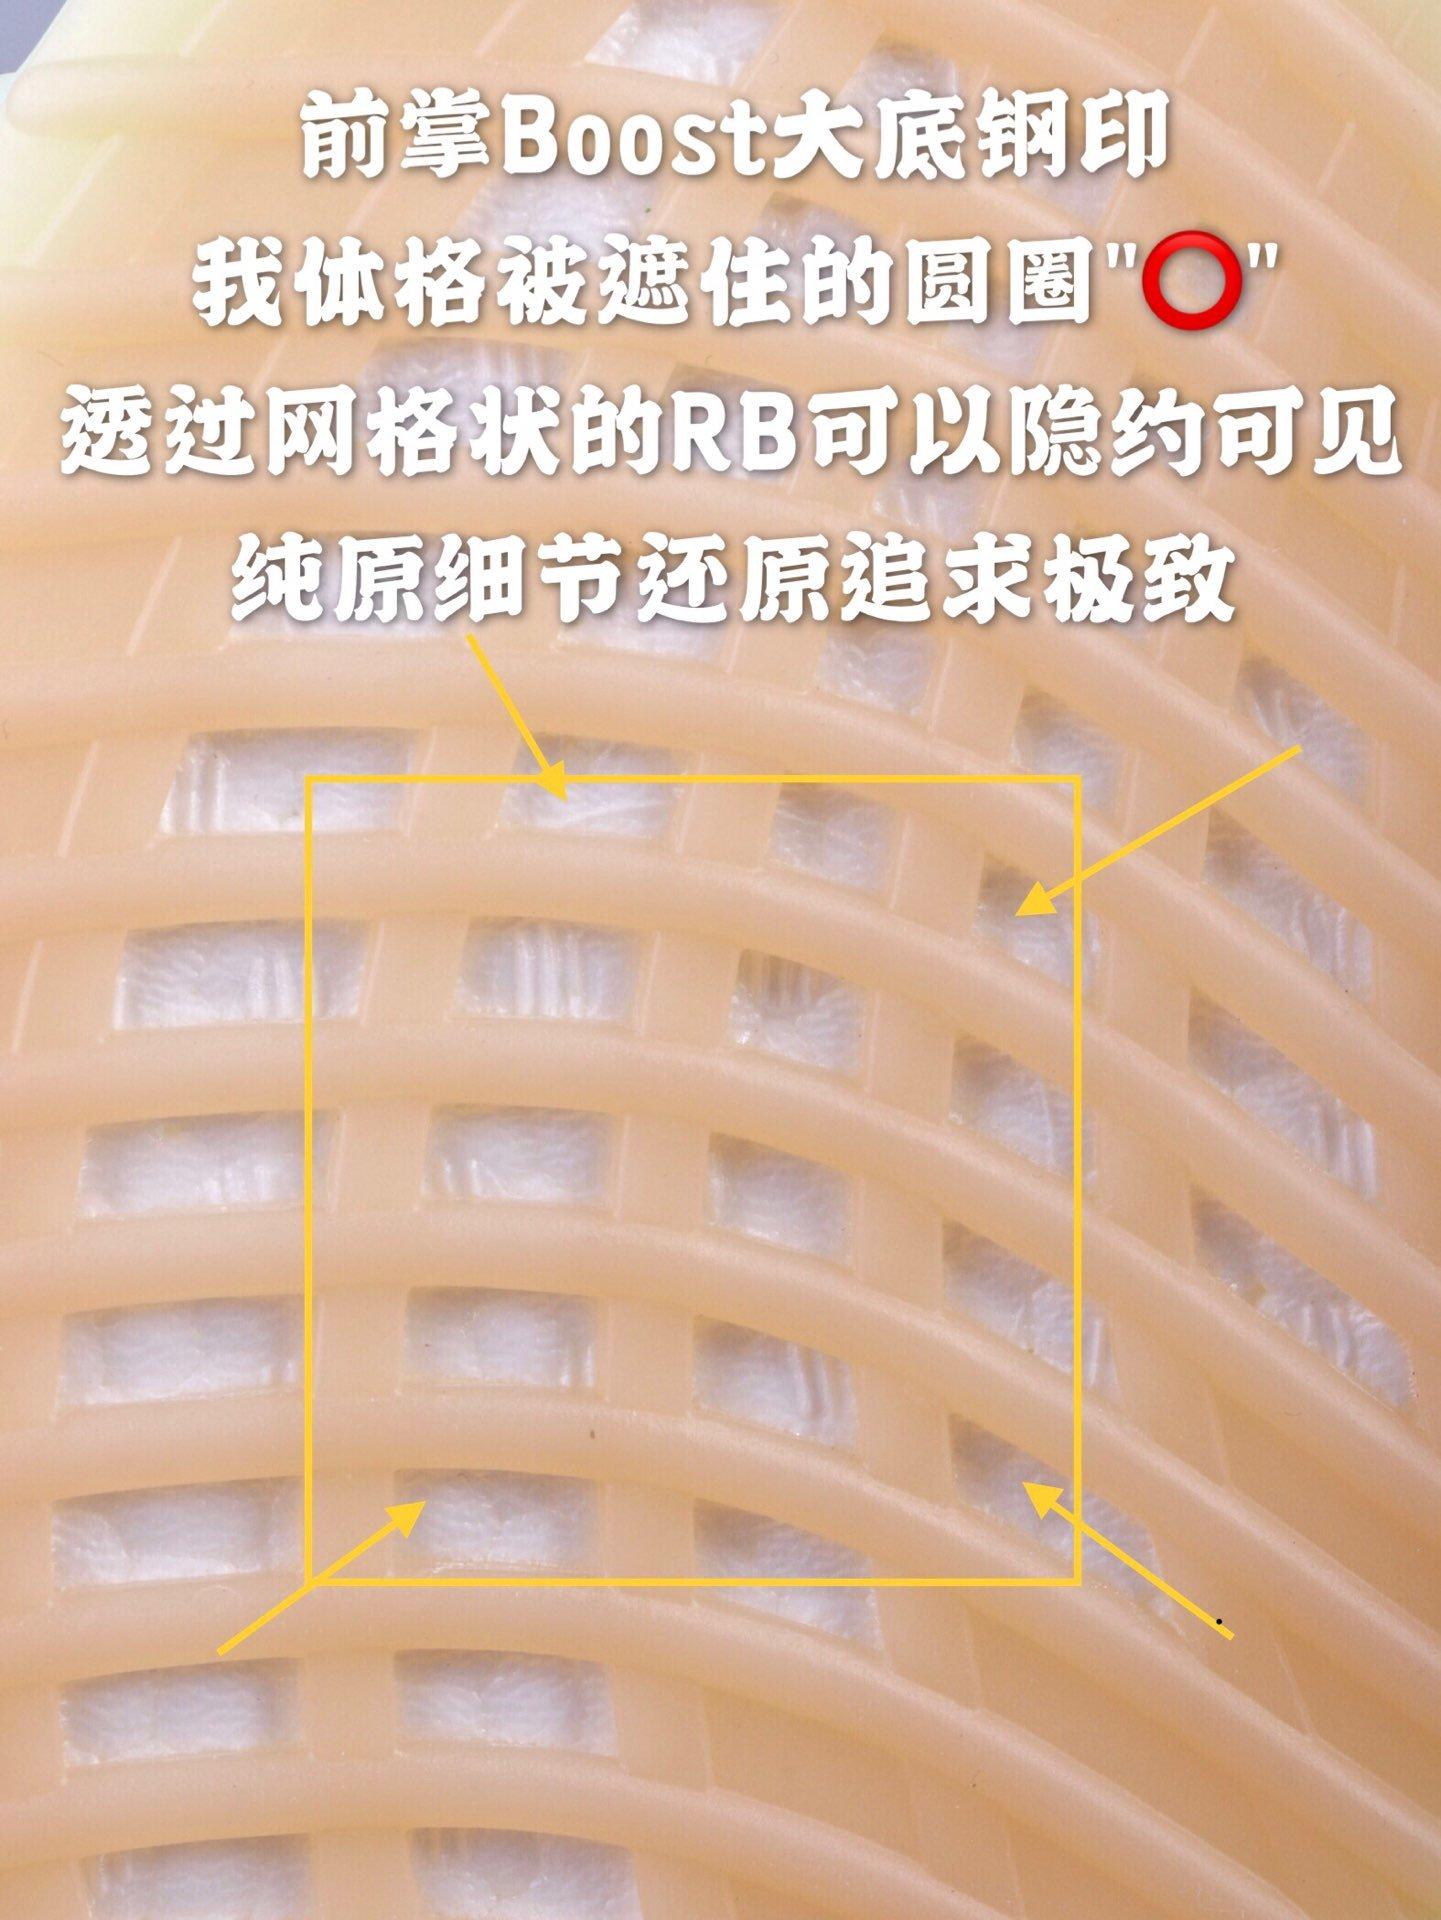 """椰子GT版-YEEZY BOOST 350 V2 GT版本""""亚洲限定"""" EG7491 纯原细节图解"""